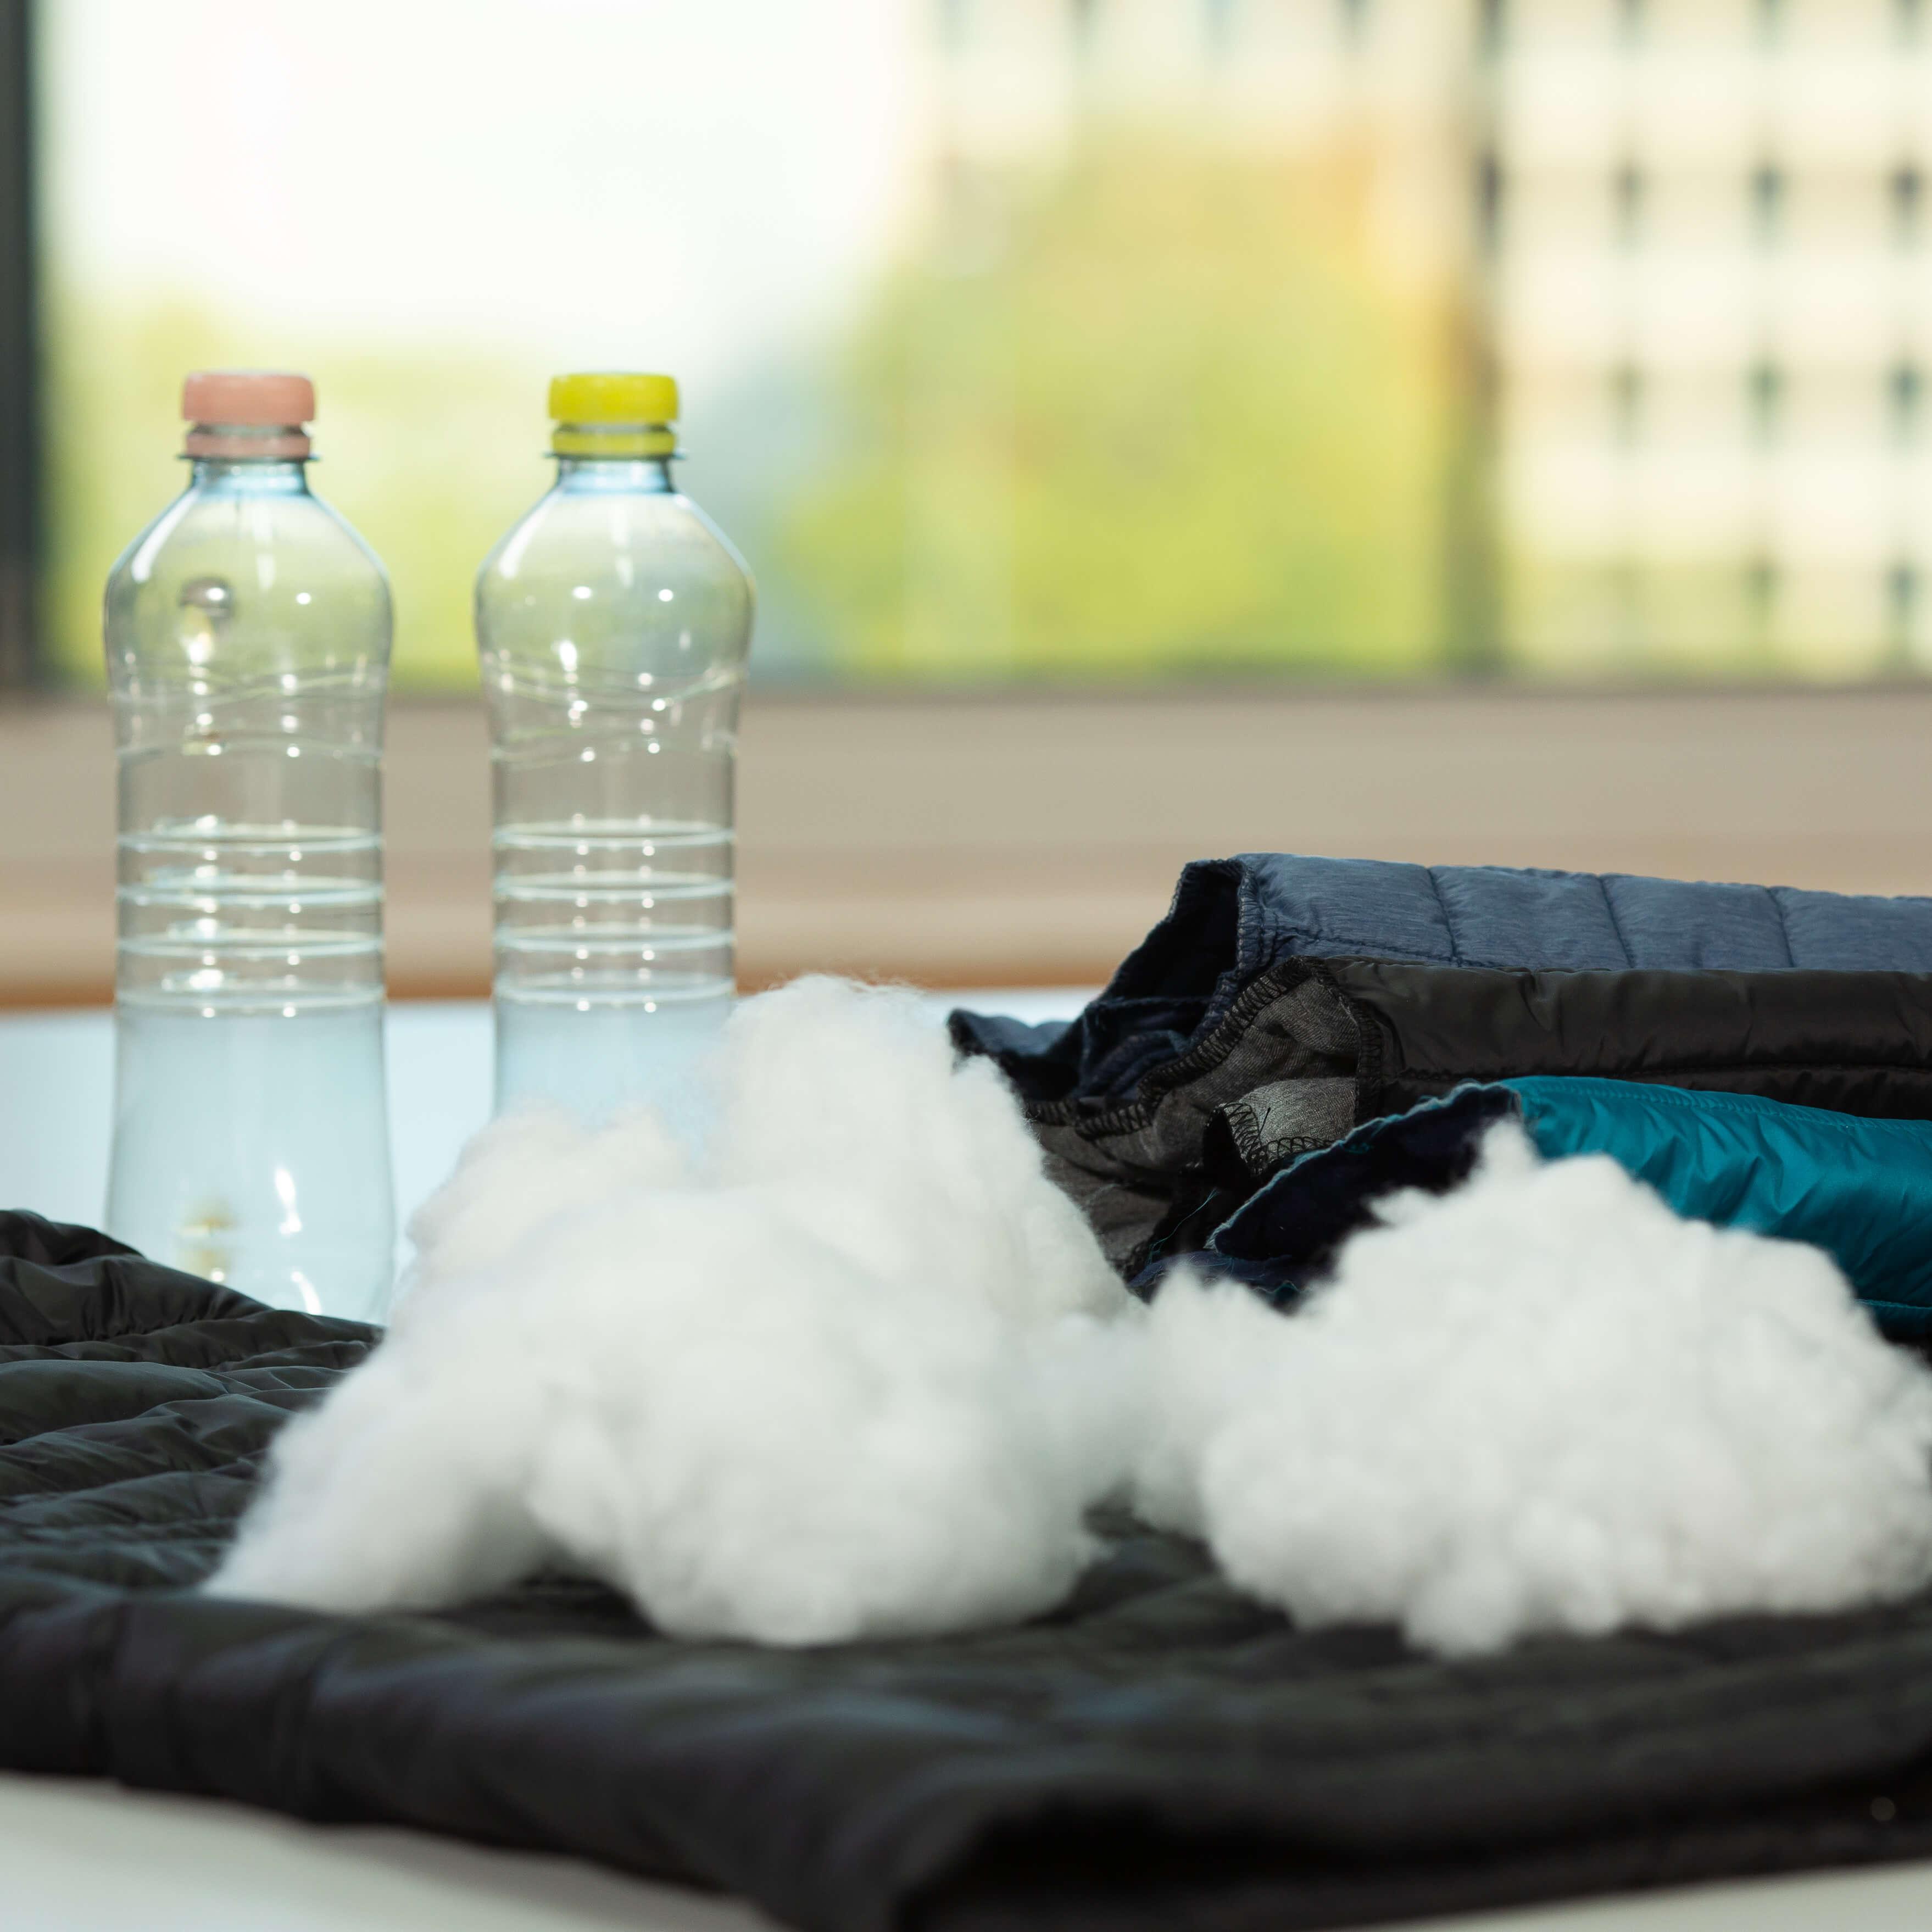 Bio Baumwolle kaufen, Bio Baumwolle und 2 Platikflaschen